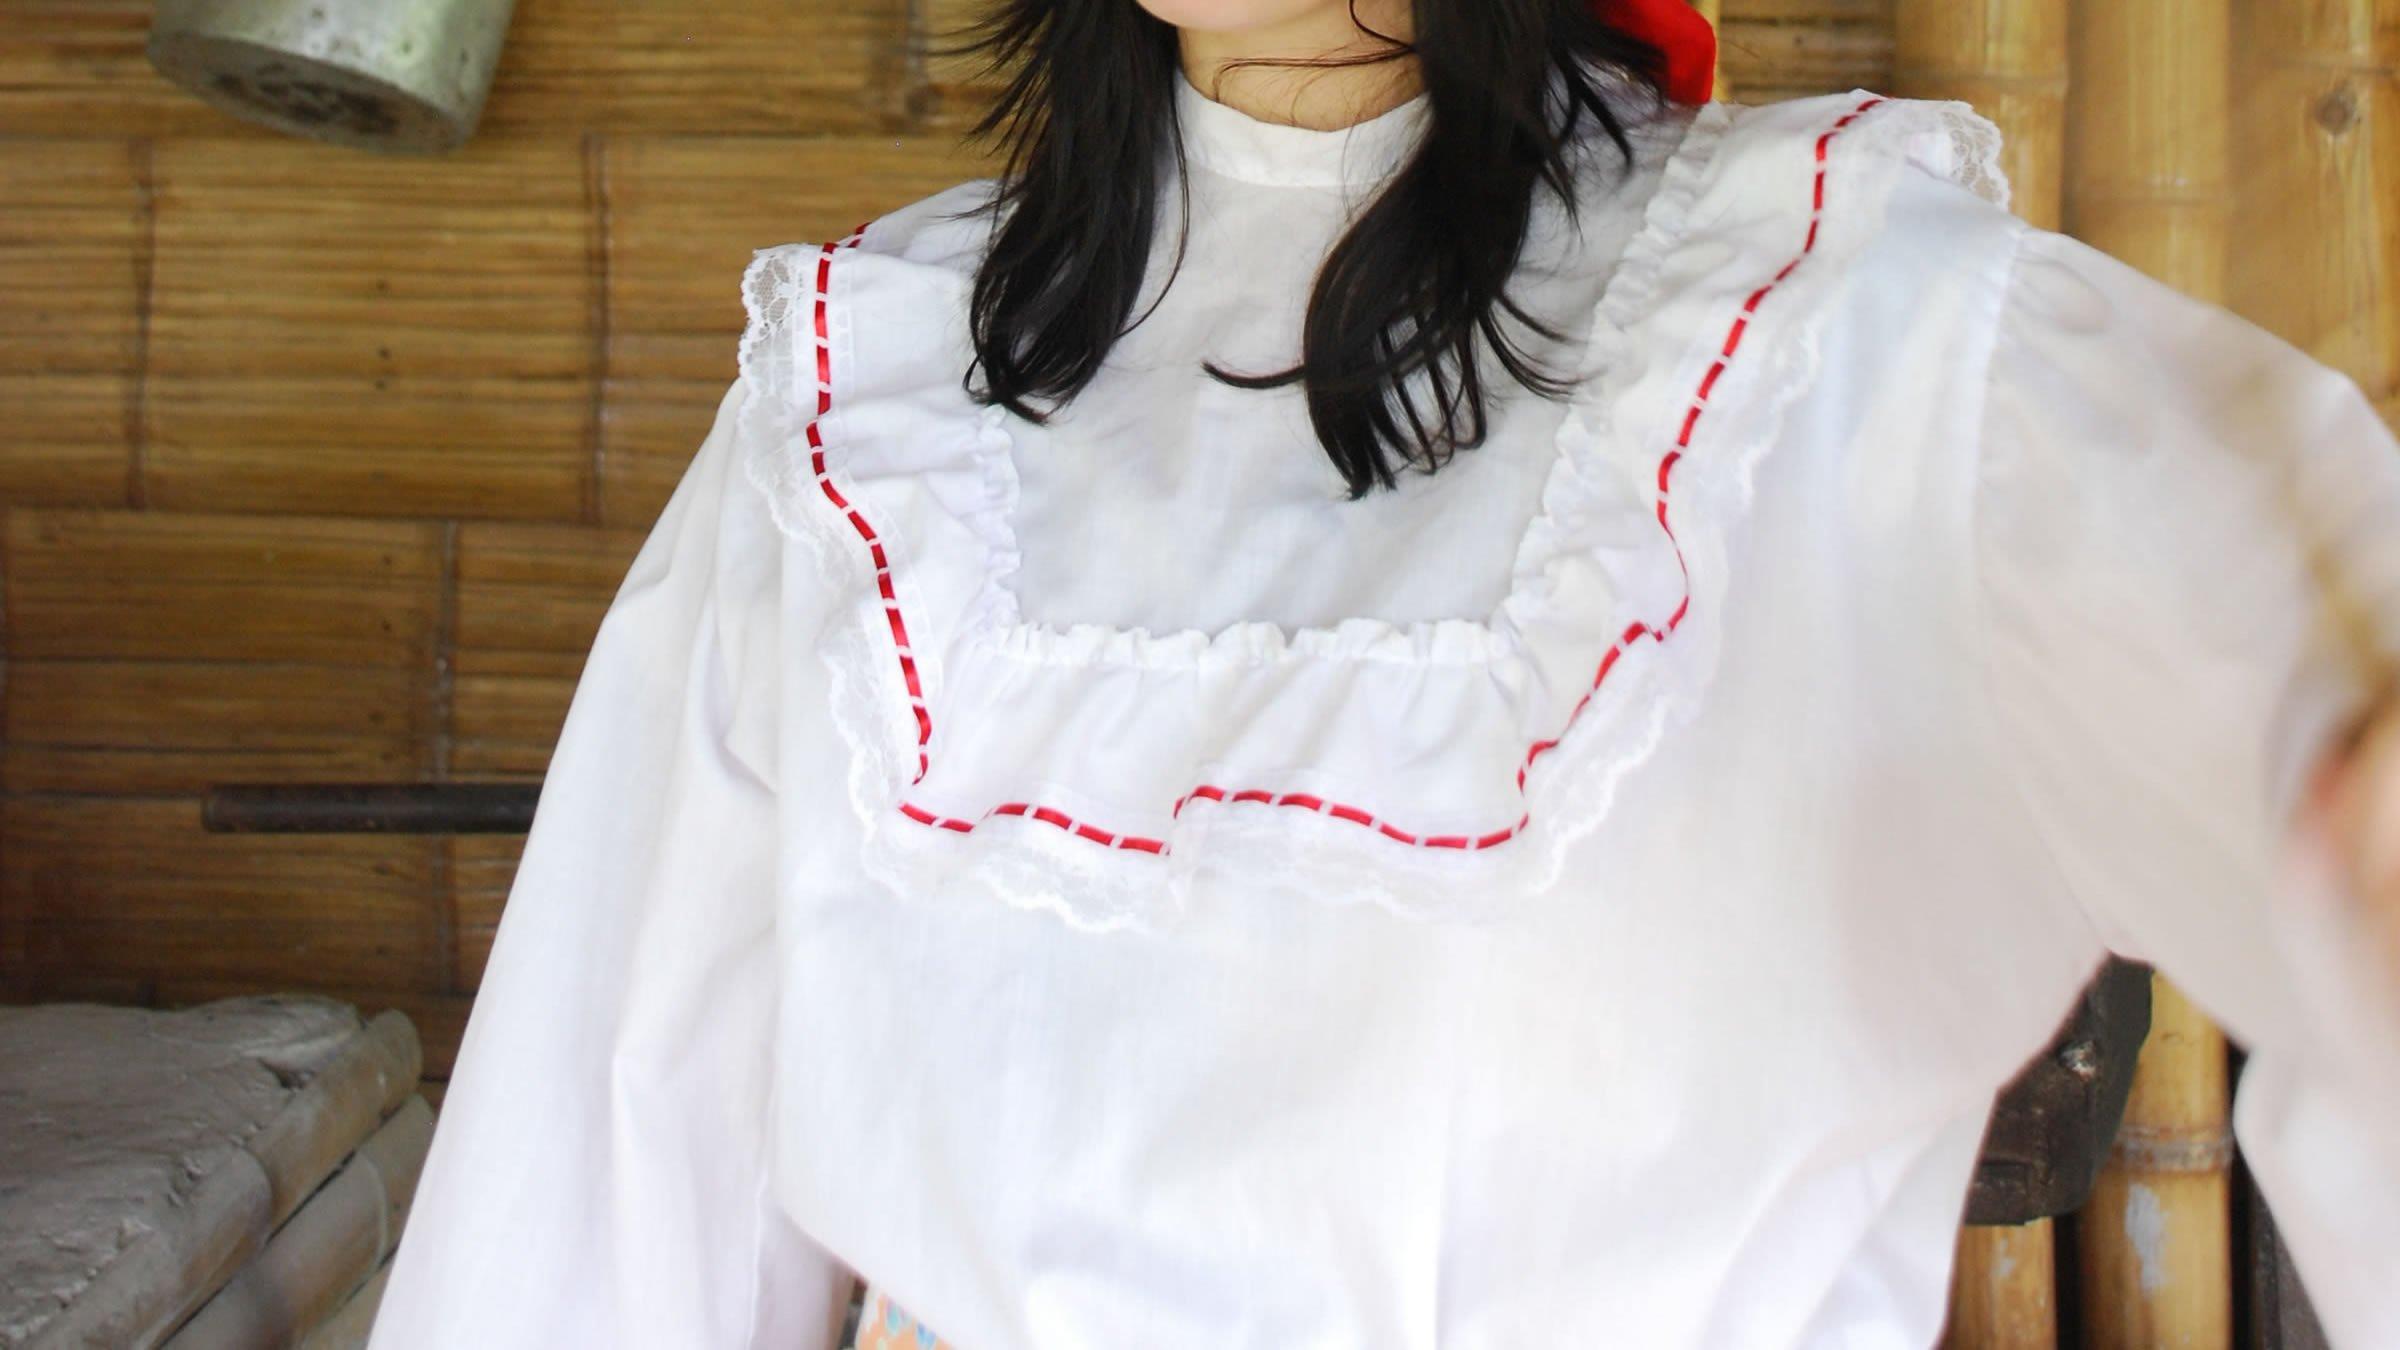 Villanueva de perales busco mujer soltera